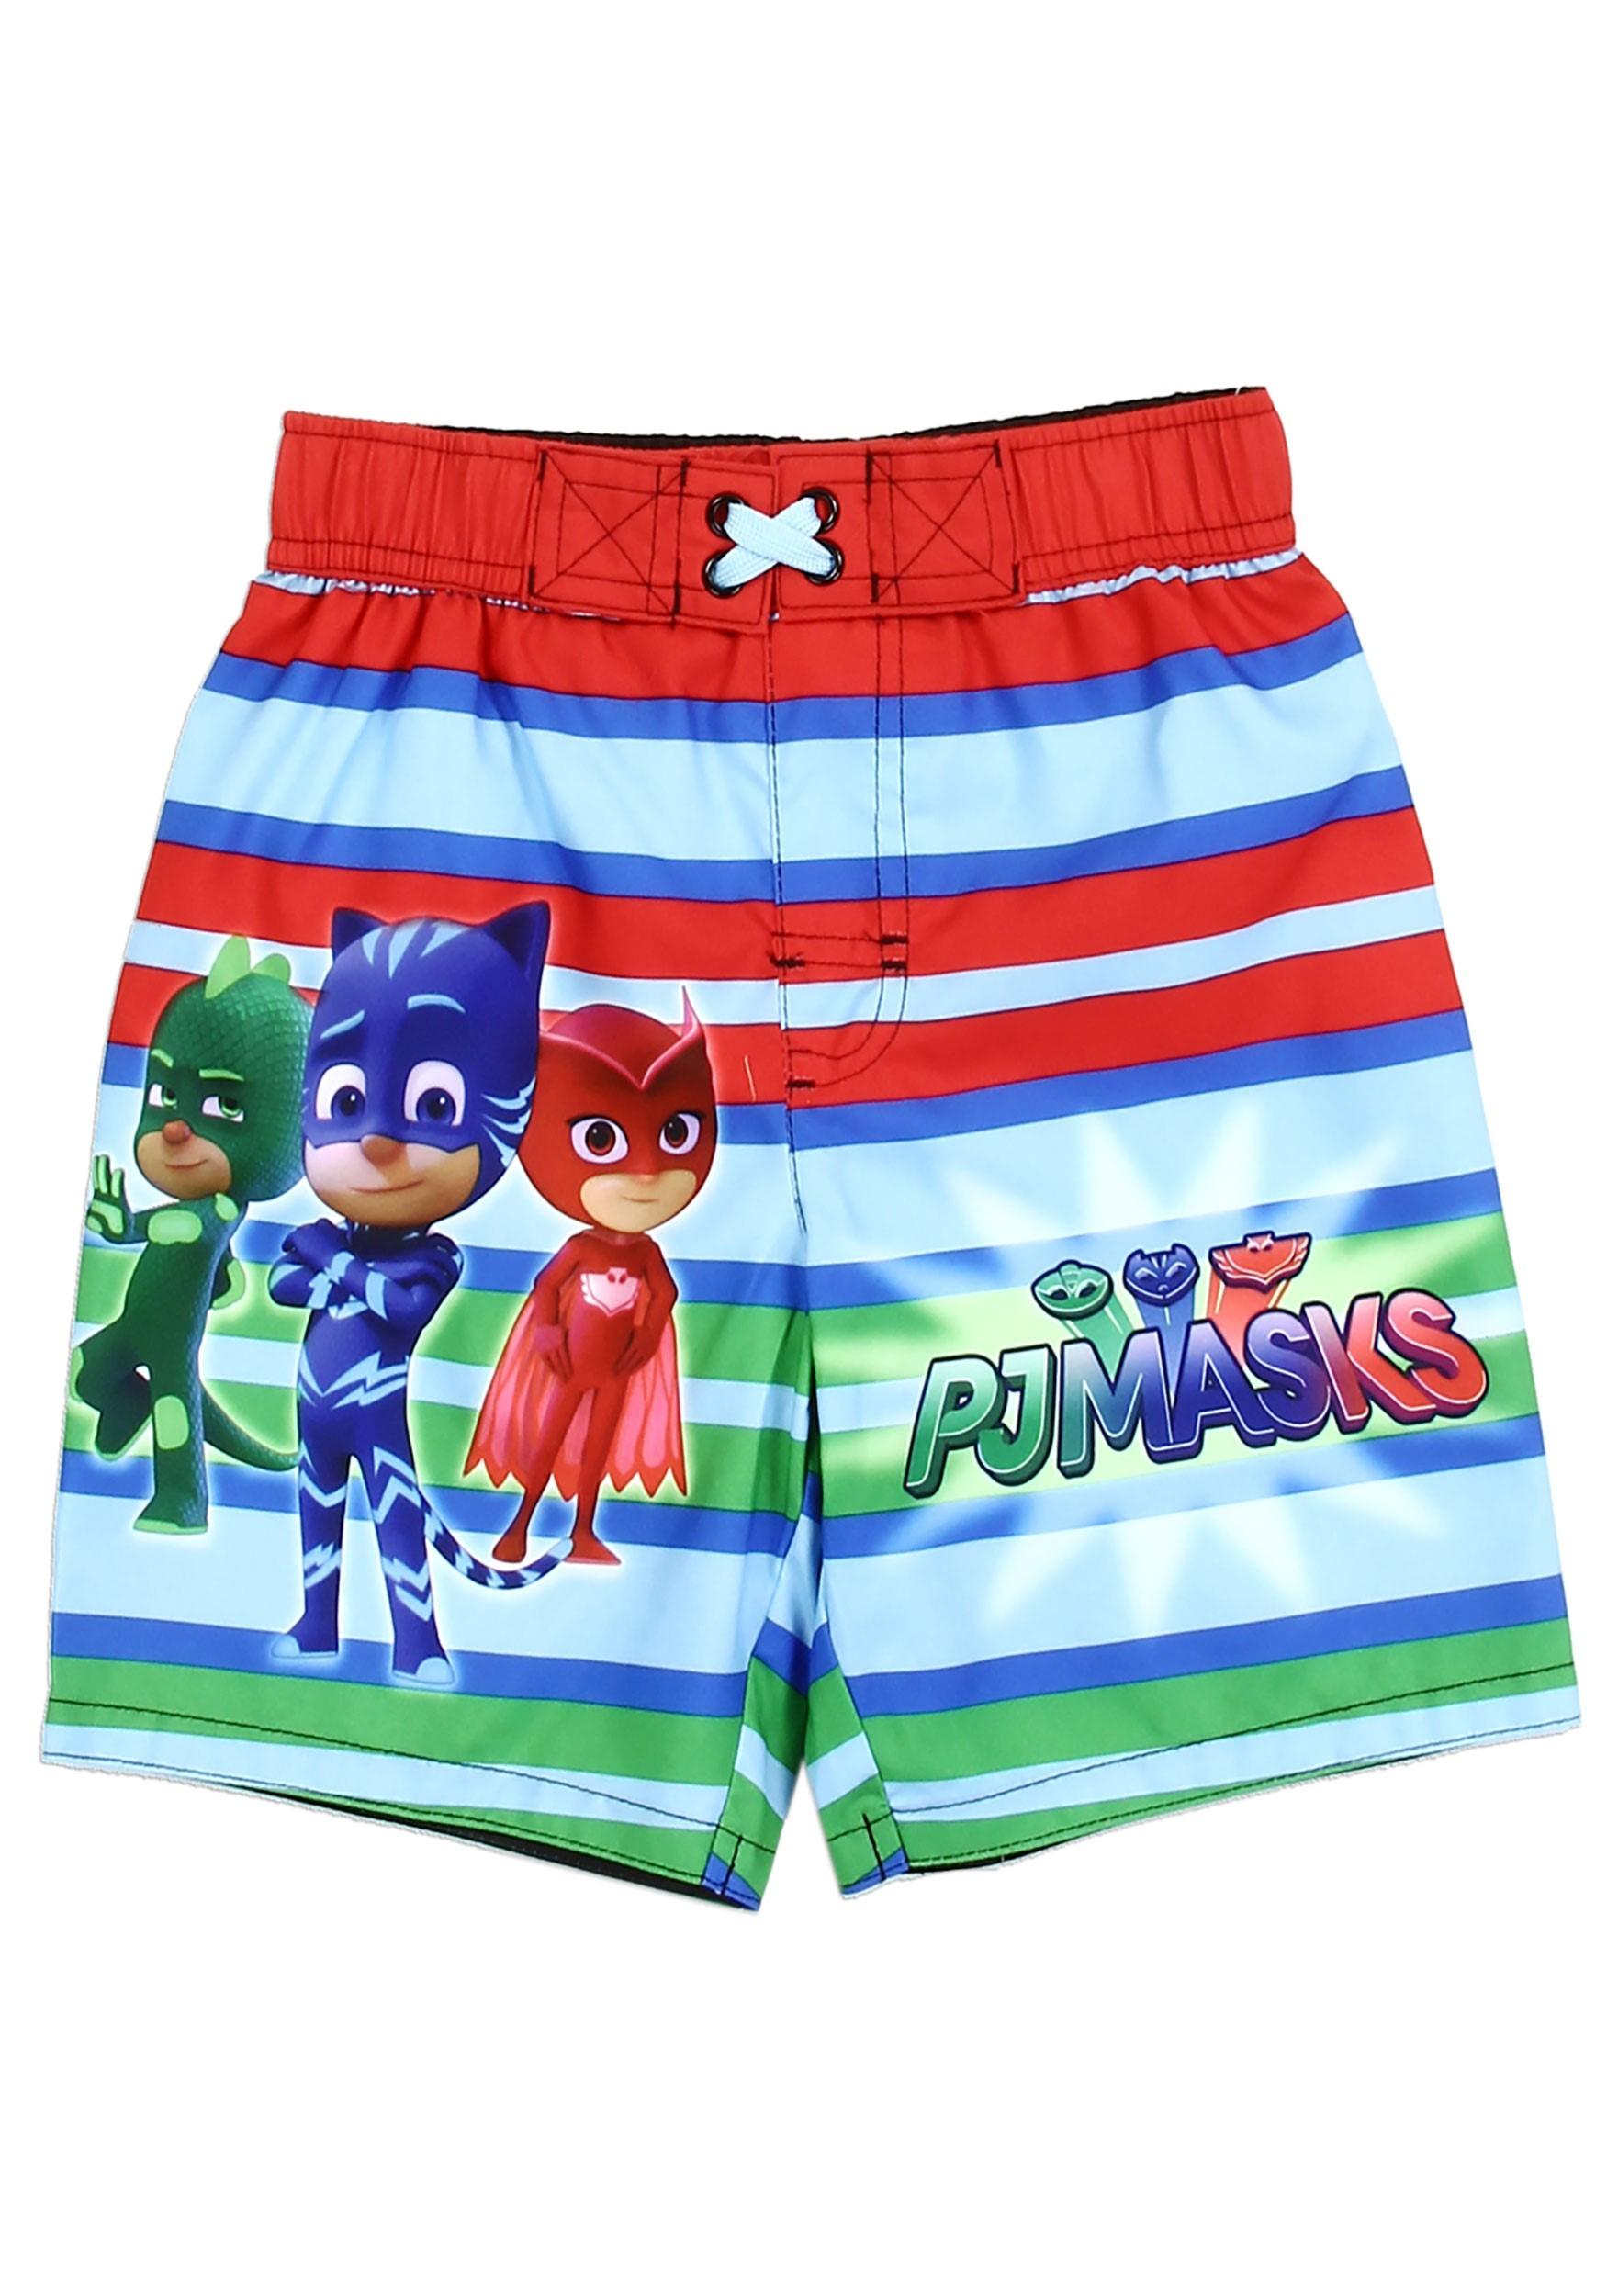 aa09dd4b0a84e PJ Masks Boy's Toddler Swim Shorts